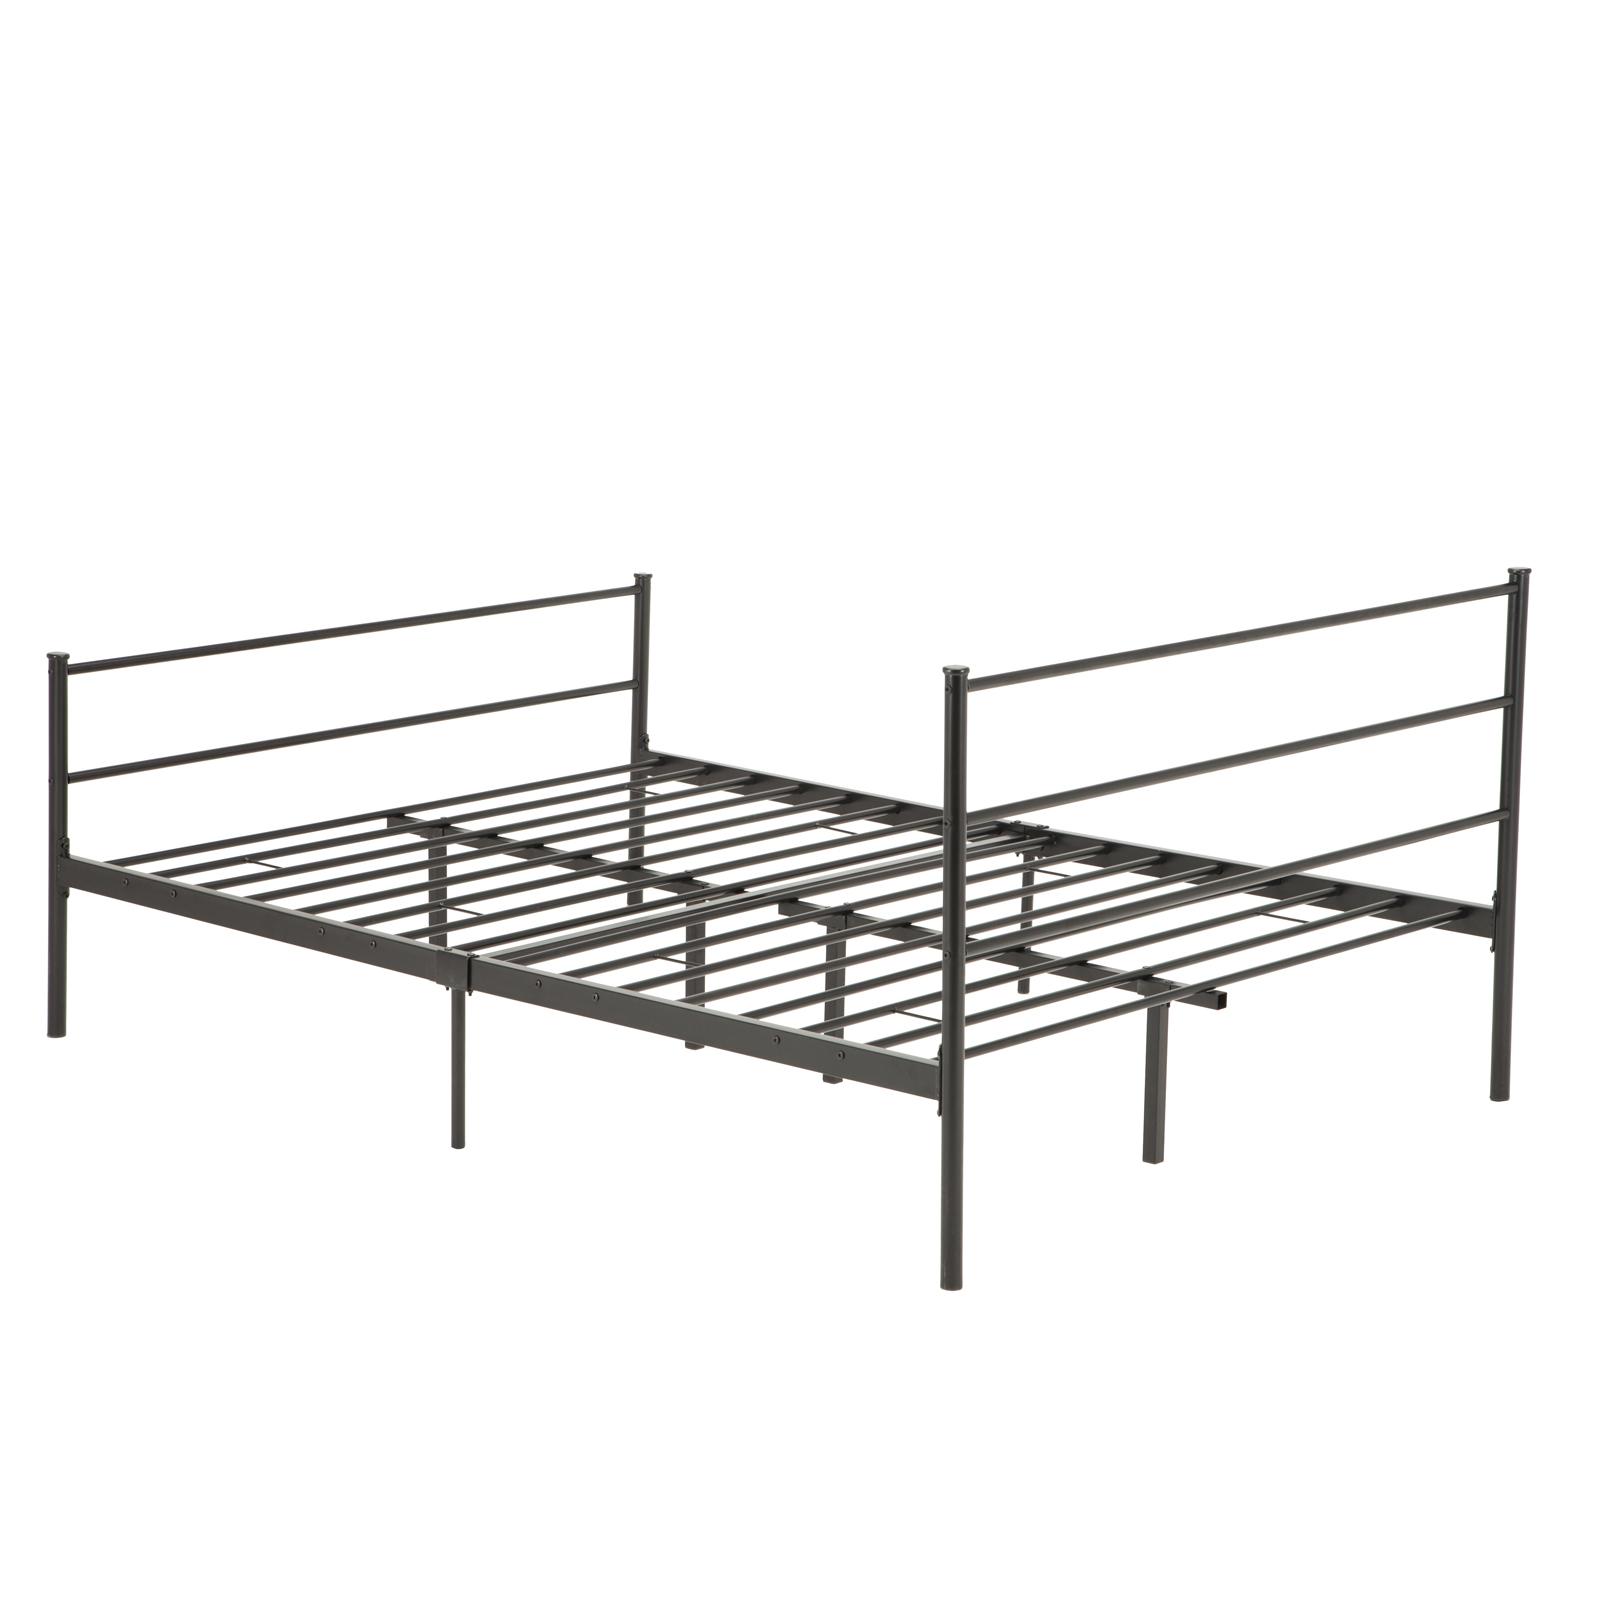 twin full queen size metal bed frame platform headboards 6 leg bedroom furniture ebay. Black Bedroom Furniture Sets. Home Design Ideas